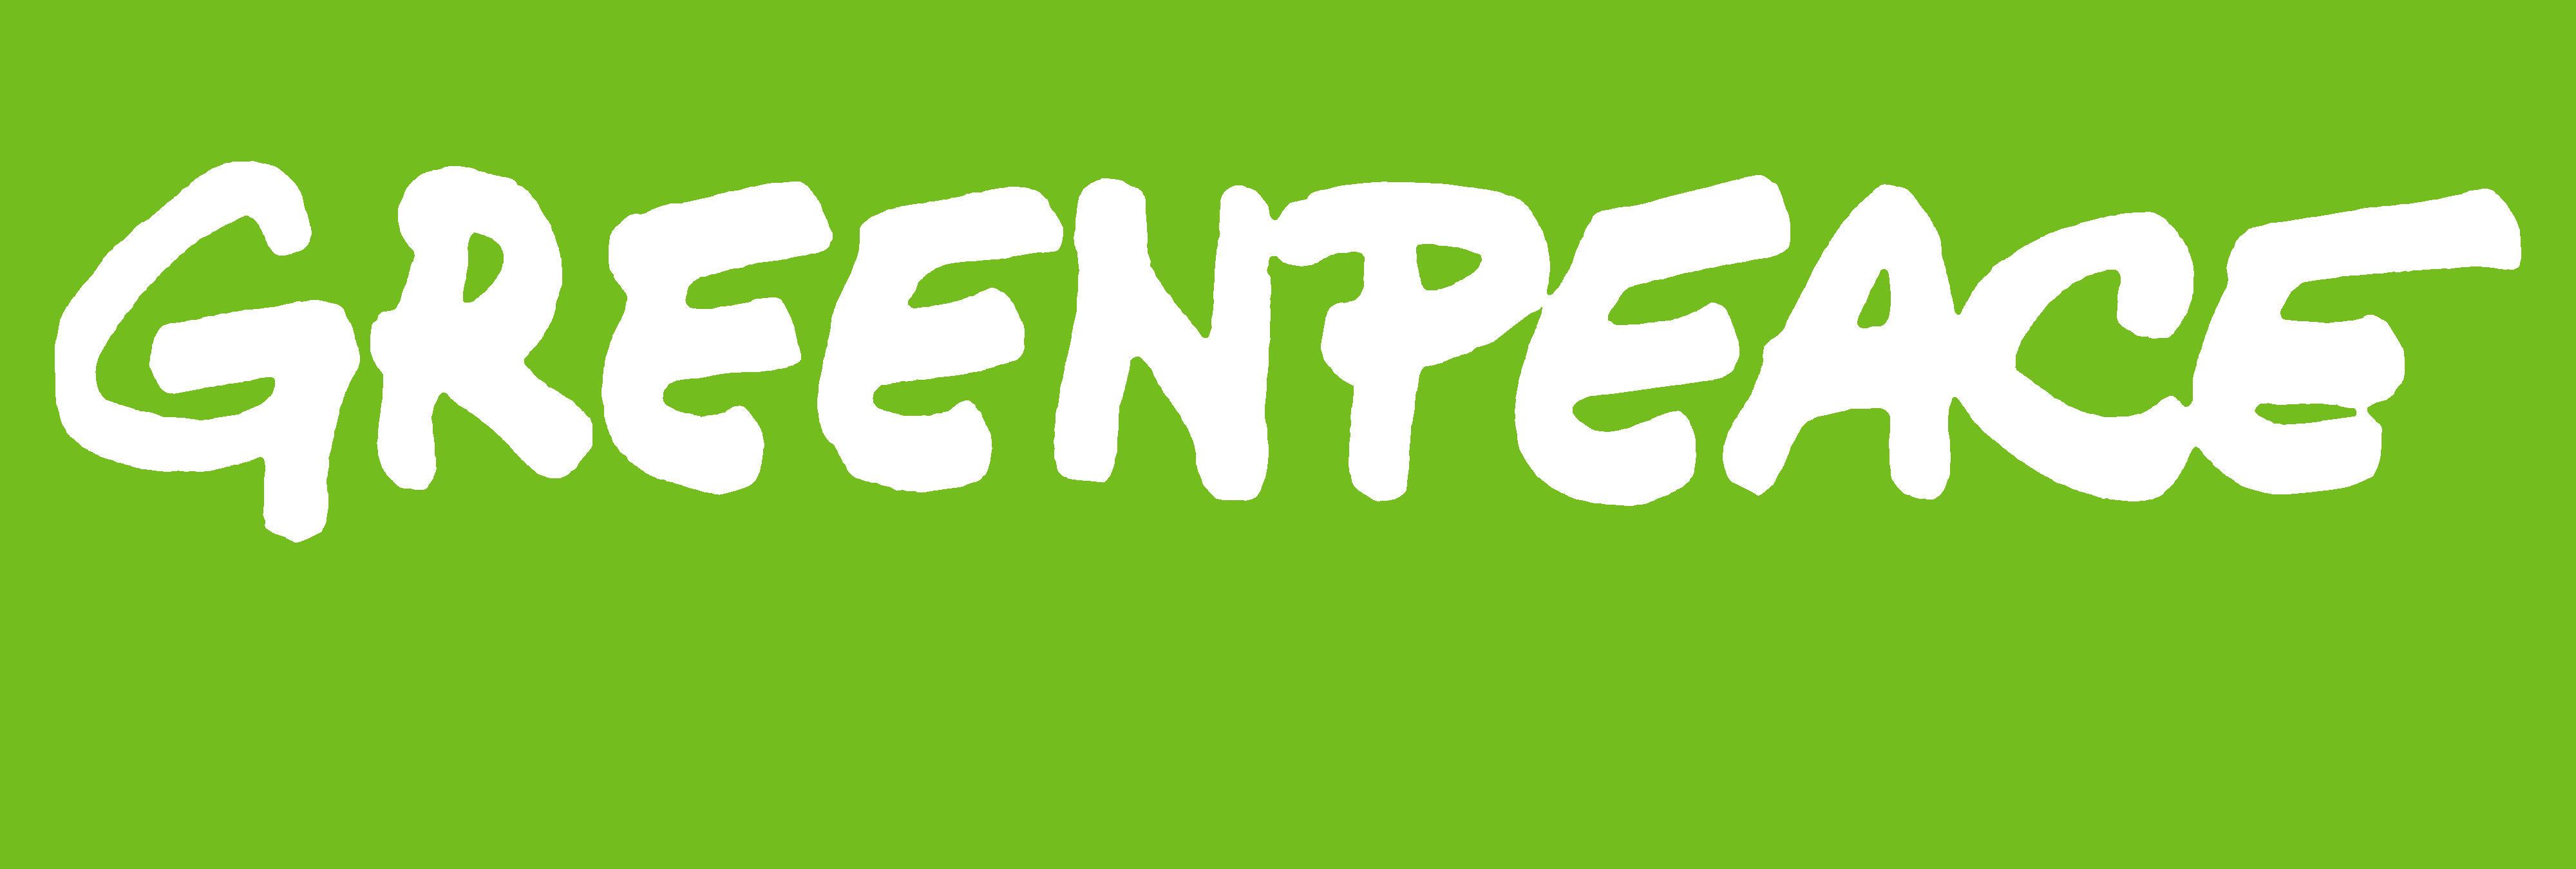 Greenpeace convierte a políticos en niños con promesas